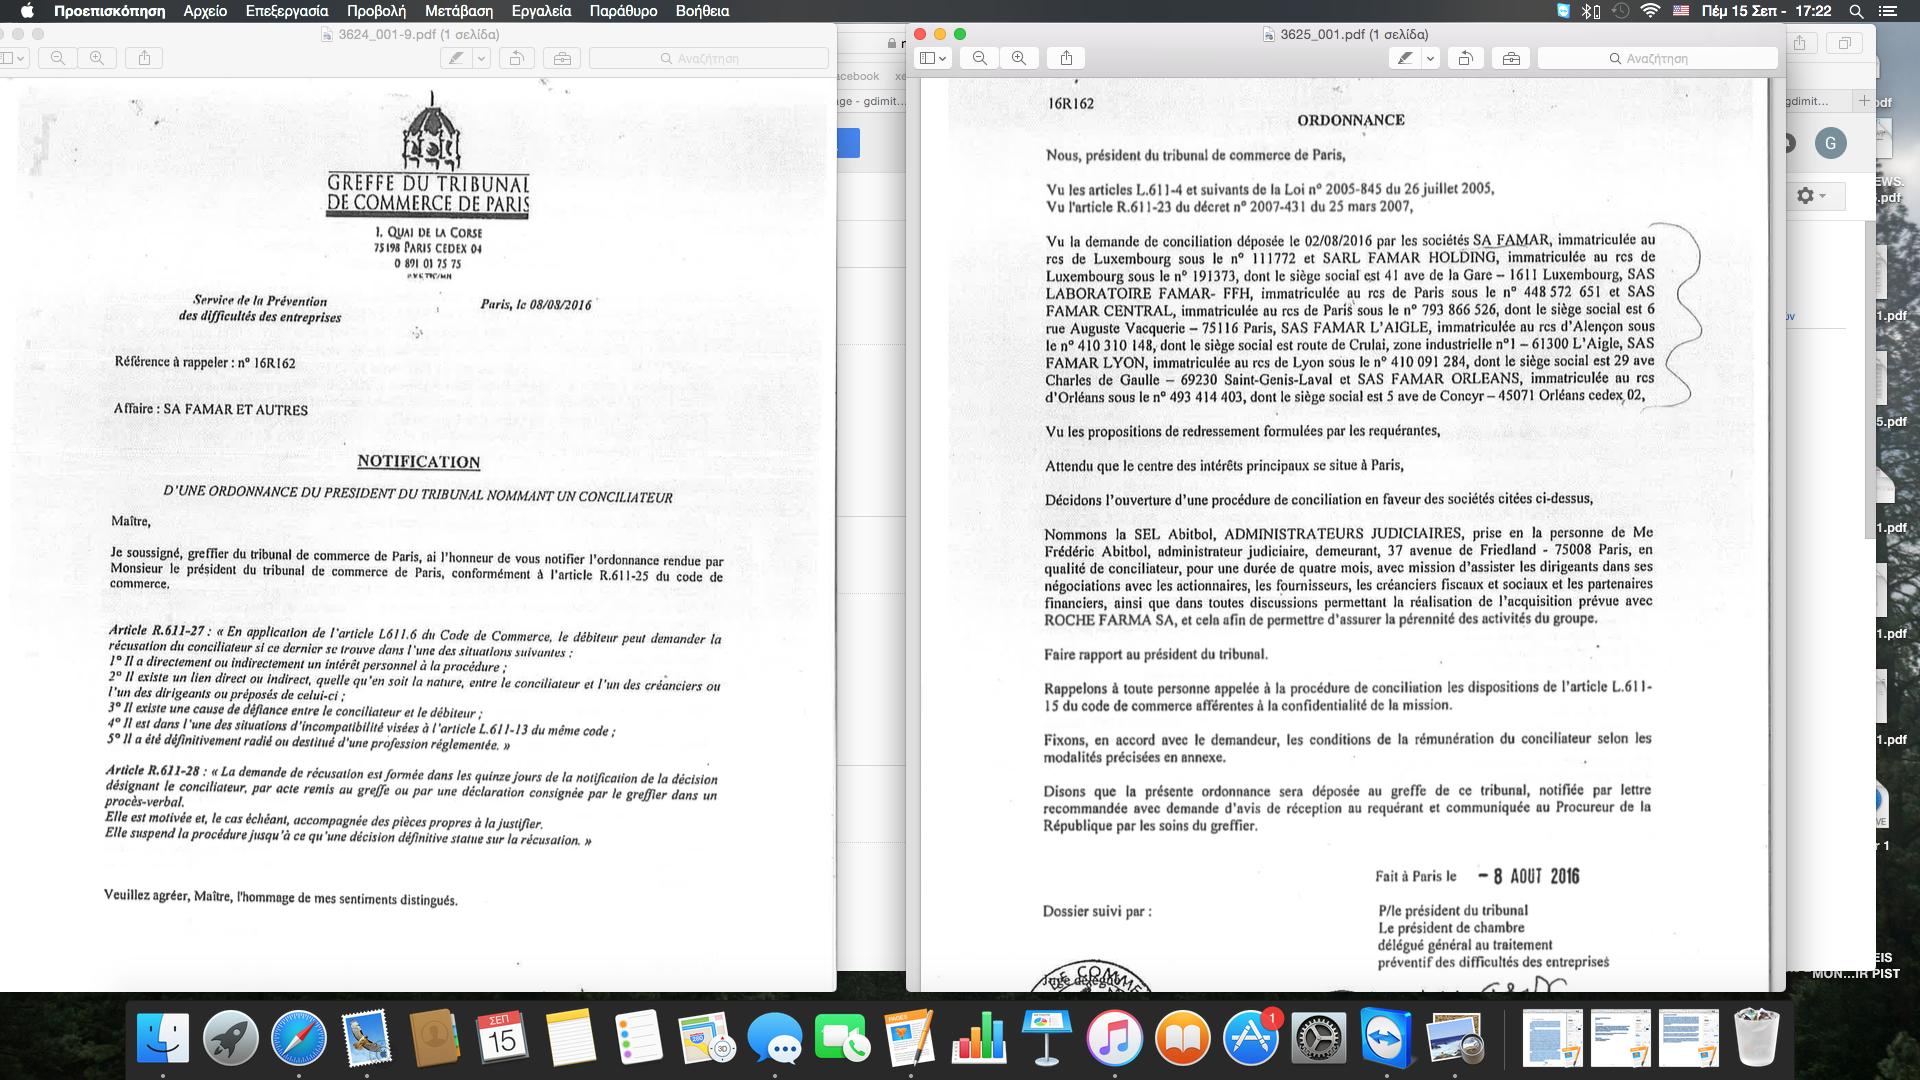 Το αίτημα της FAMAR στο Greffe Du Tribunal de Commerce De paris που έγινε απόδεκτό από το Επιμελητήριο